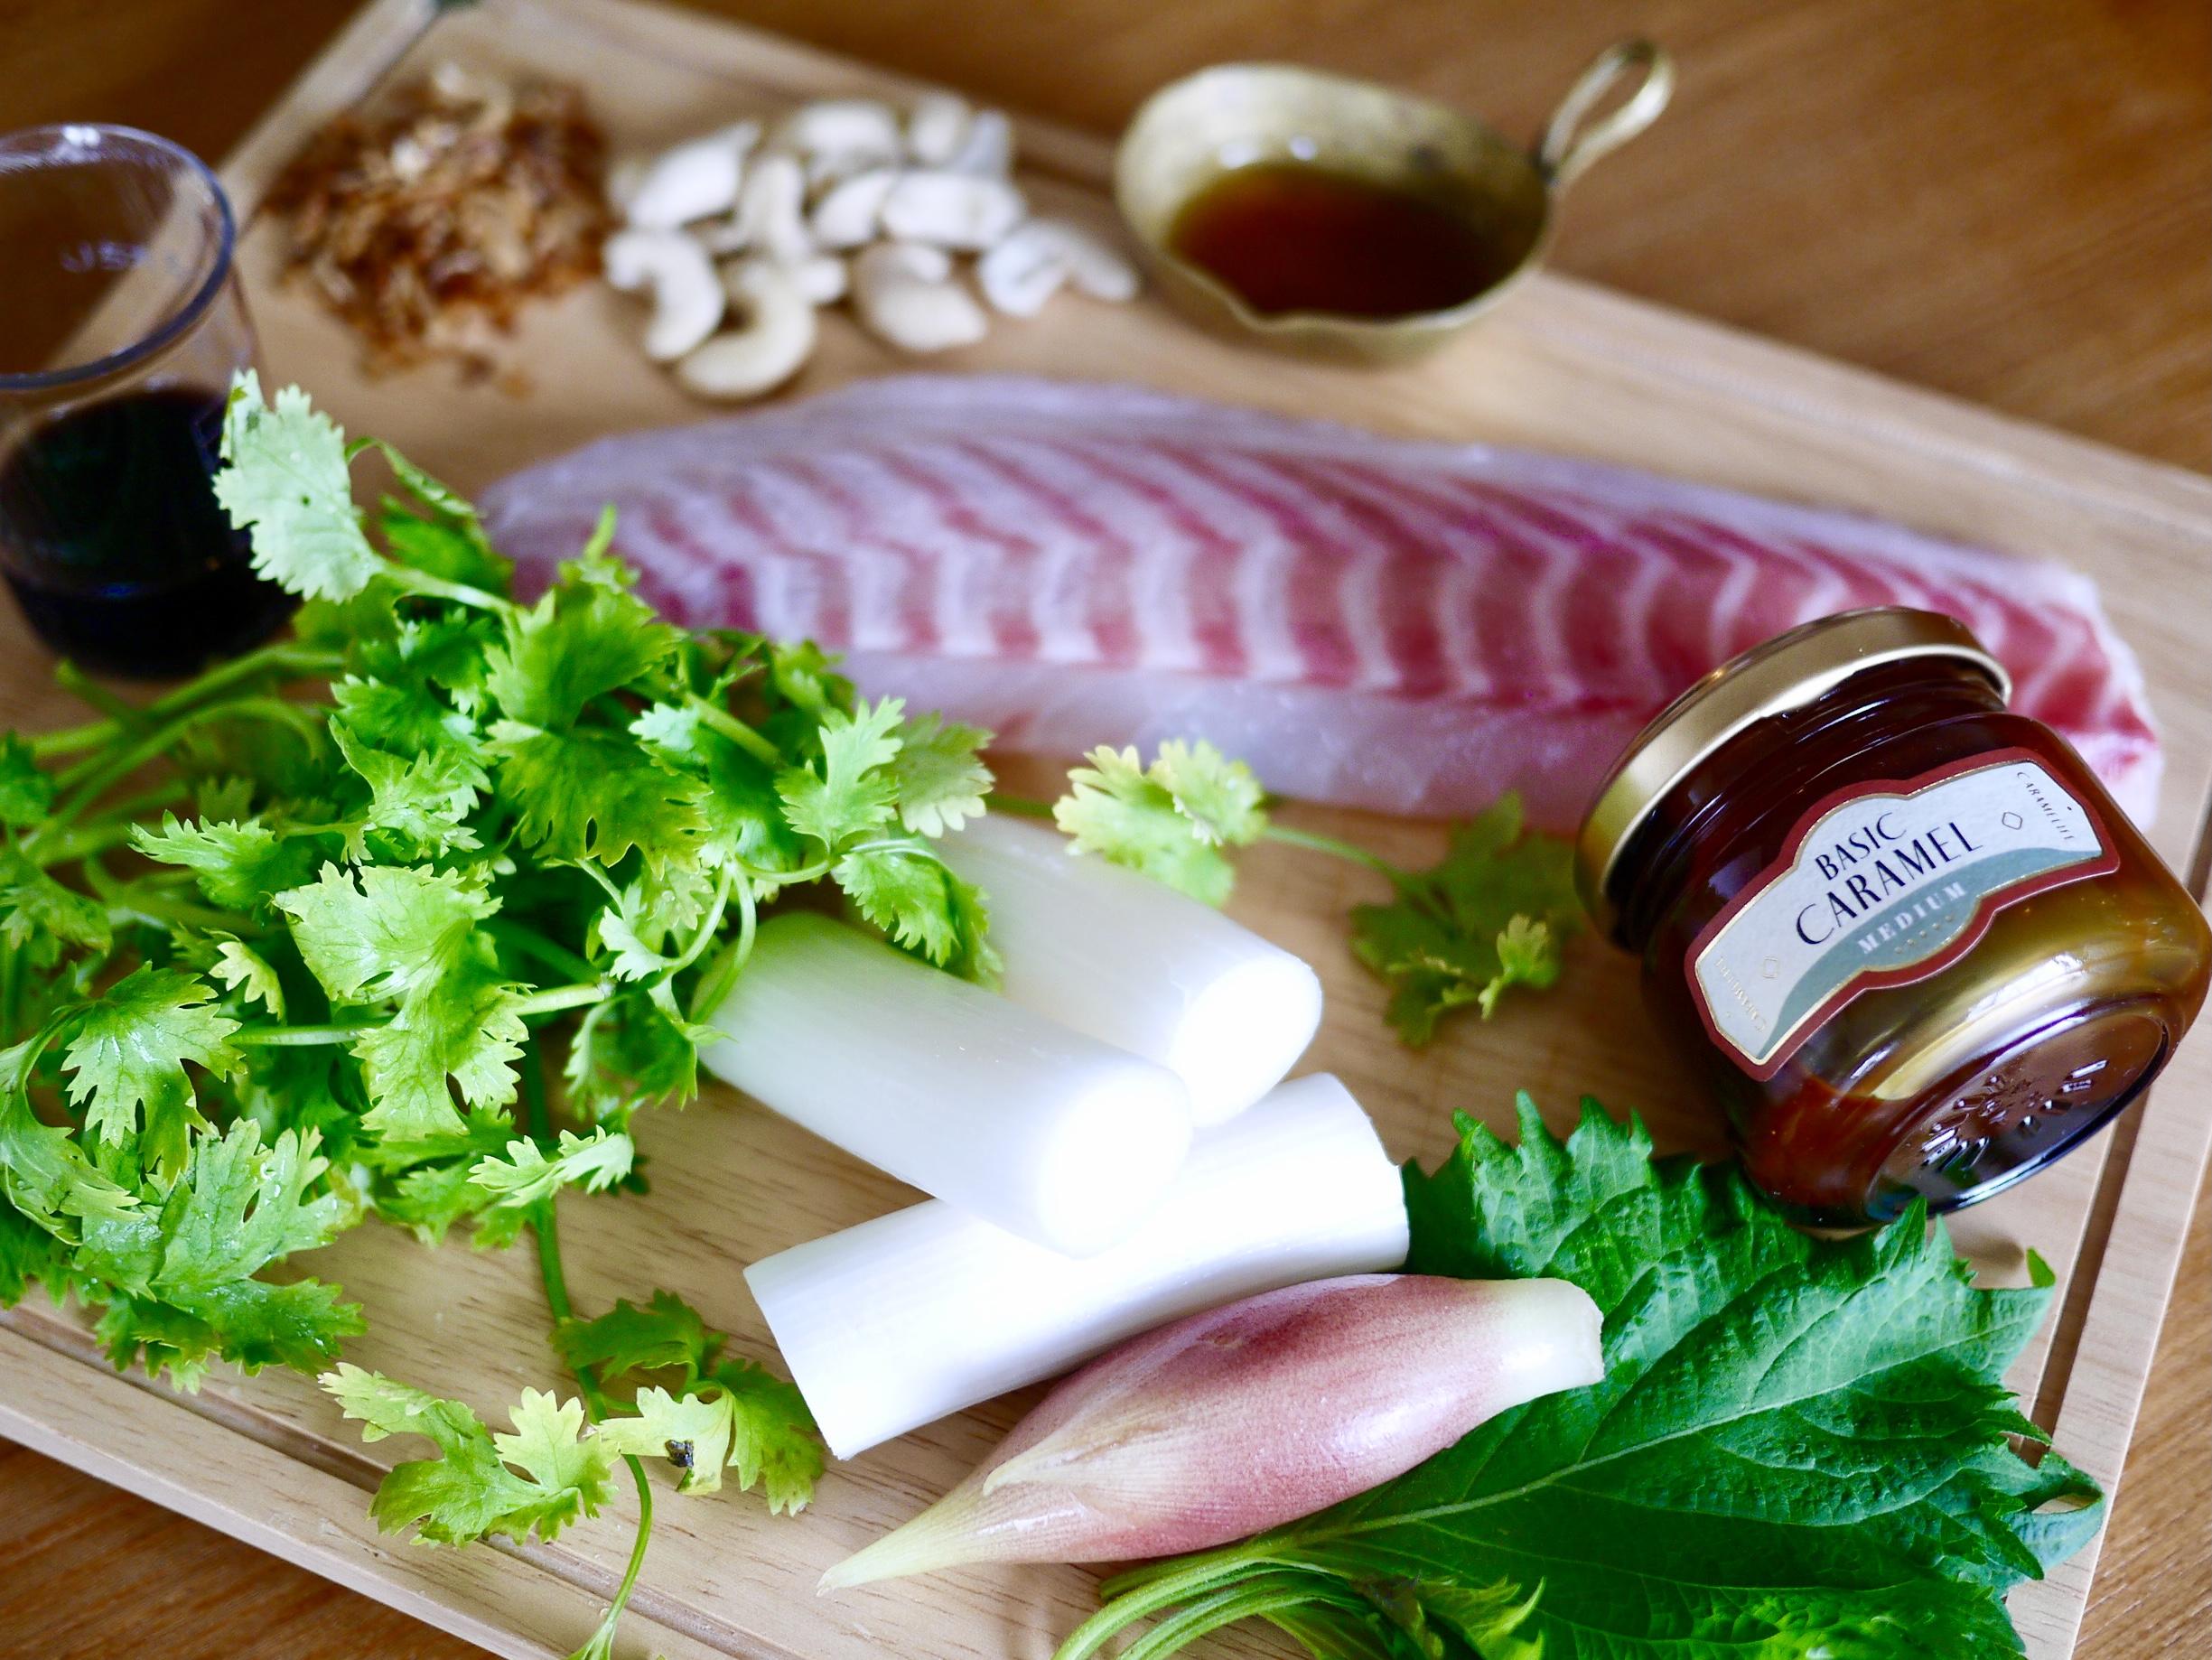 【プロに教わる、目からウロコのキャラメルレシピ】鯛のお刺身サラダwithキャラメルドレッシングbyスヌ子|CARAMELIFE